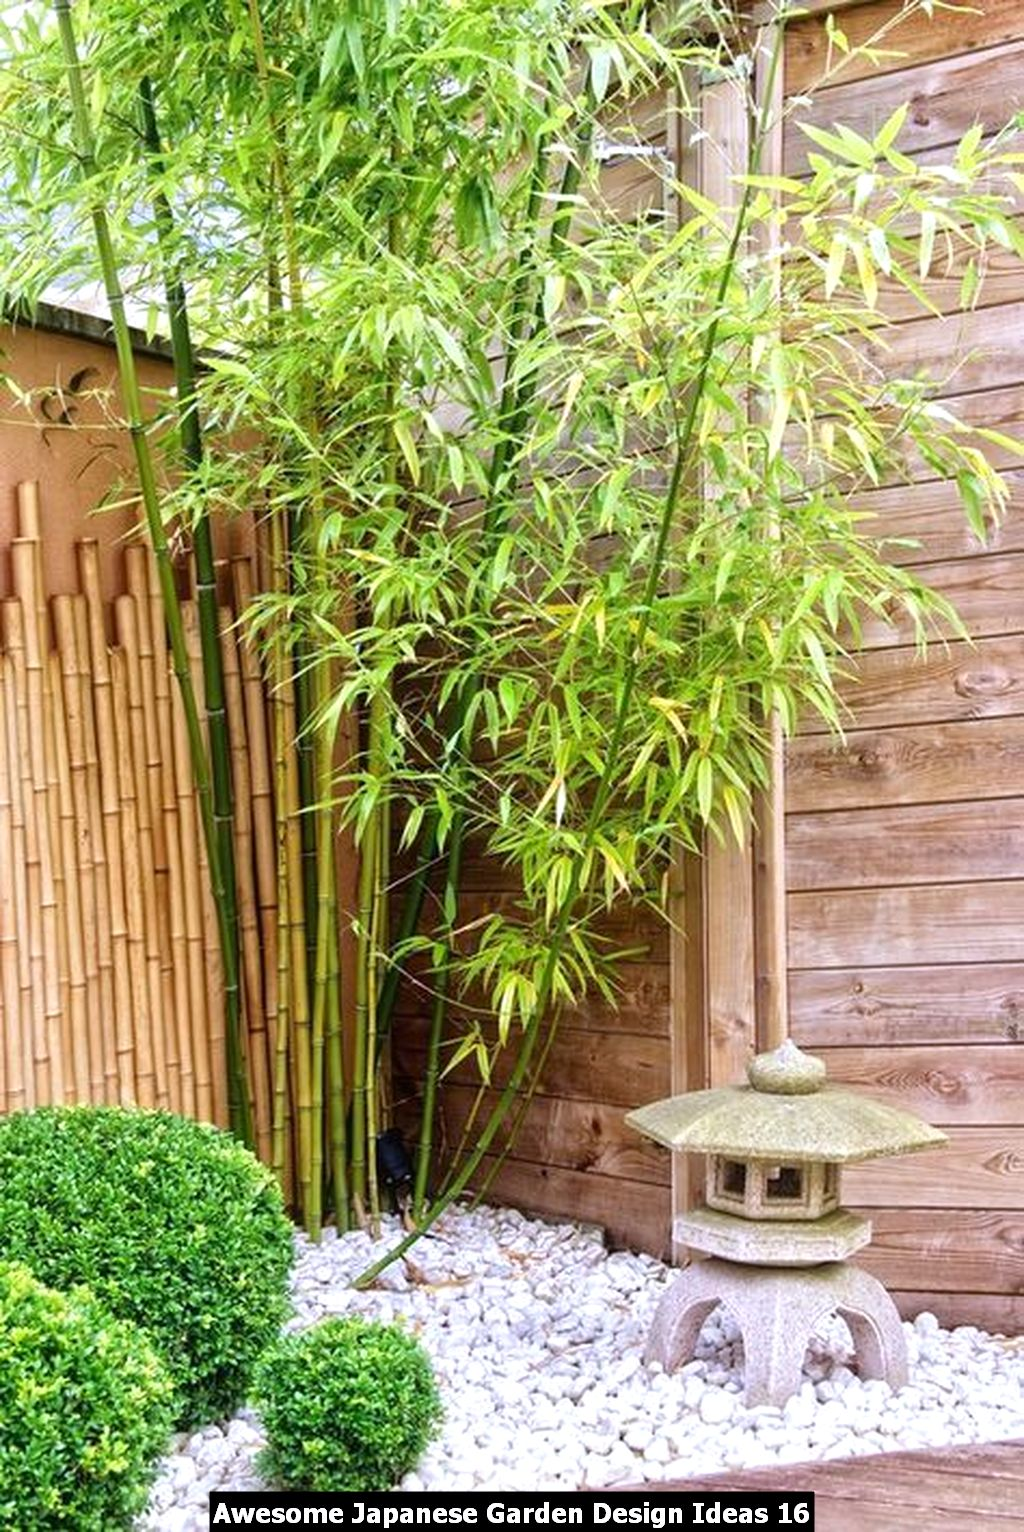 Awesome Japanese Garden Design Ideas 16